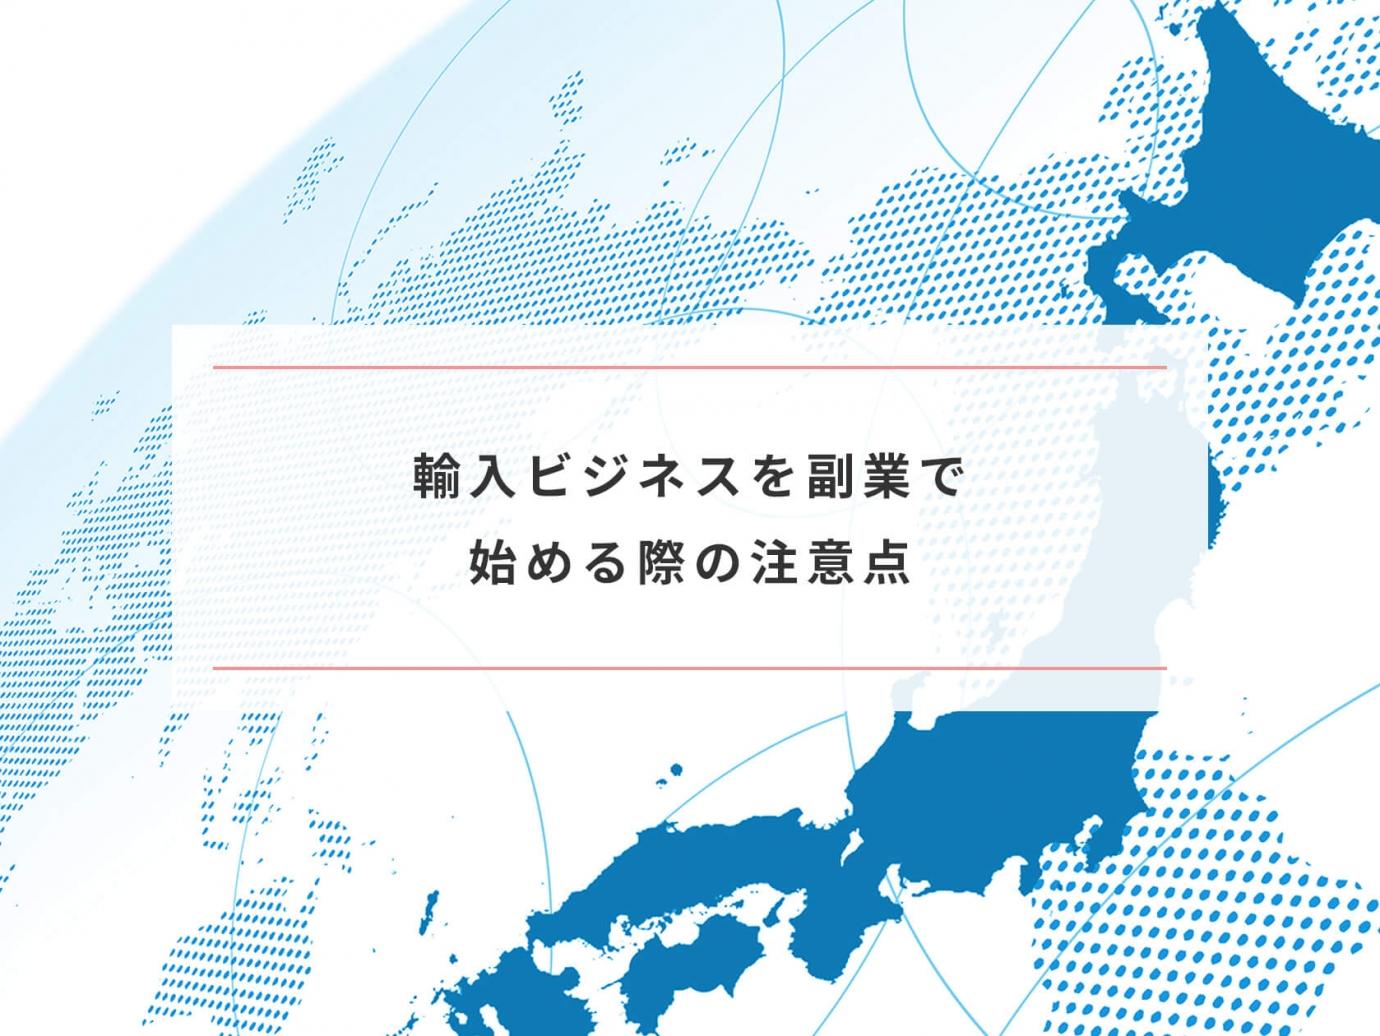 海外商品を販売する「輸入ビジネス」を副業で始める方法5STEP ...